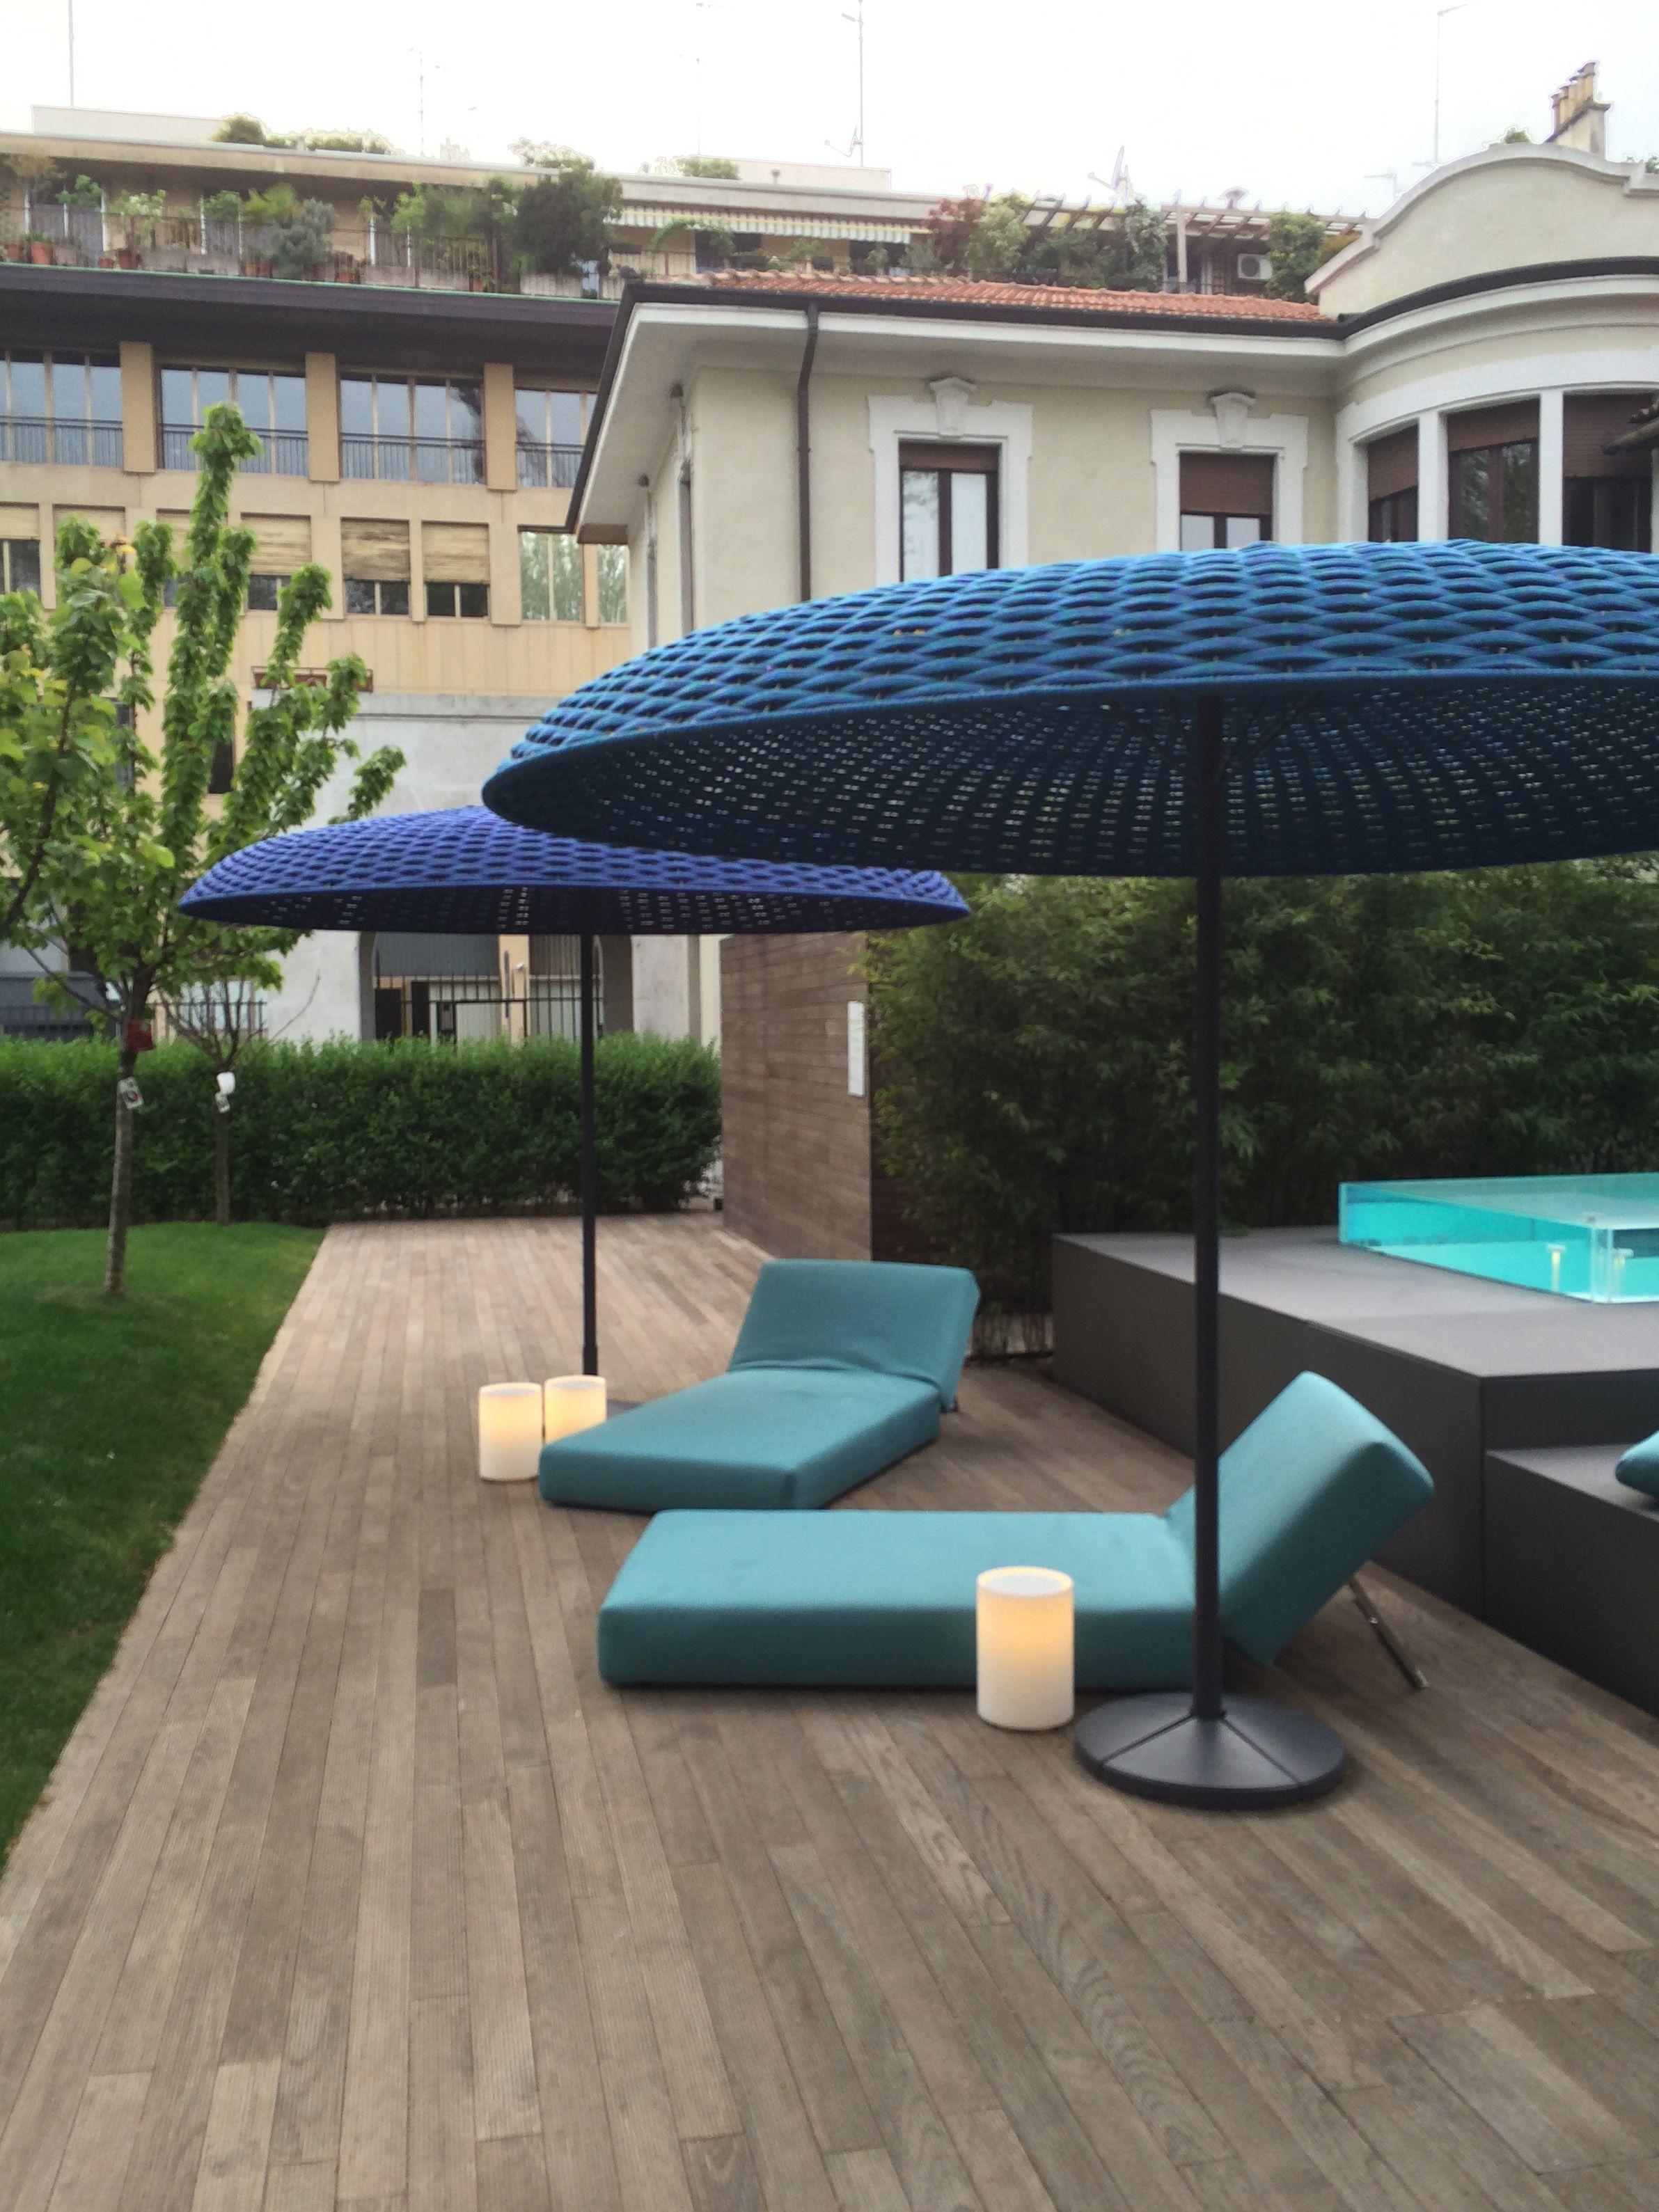 Paola lenti rope umbrellas salone internazionale del for Paola lenti